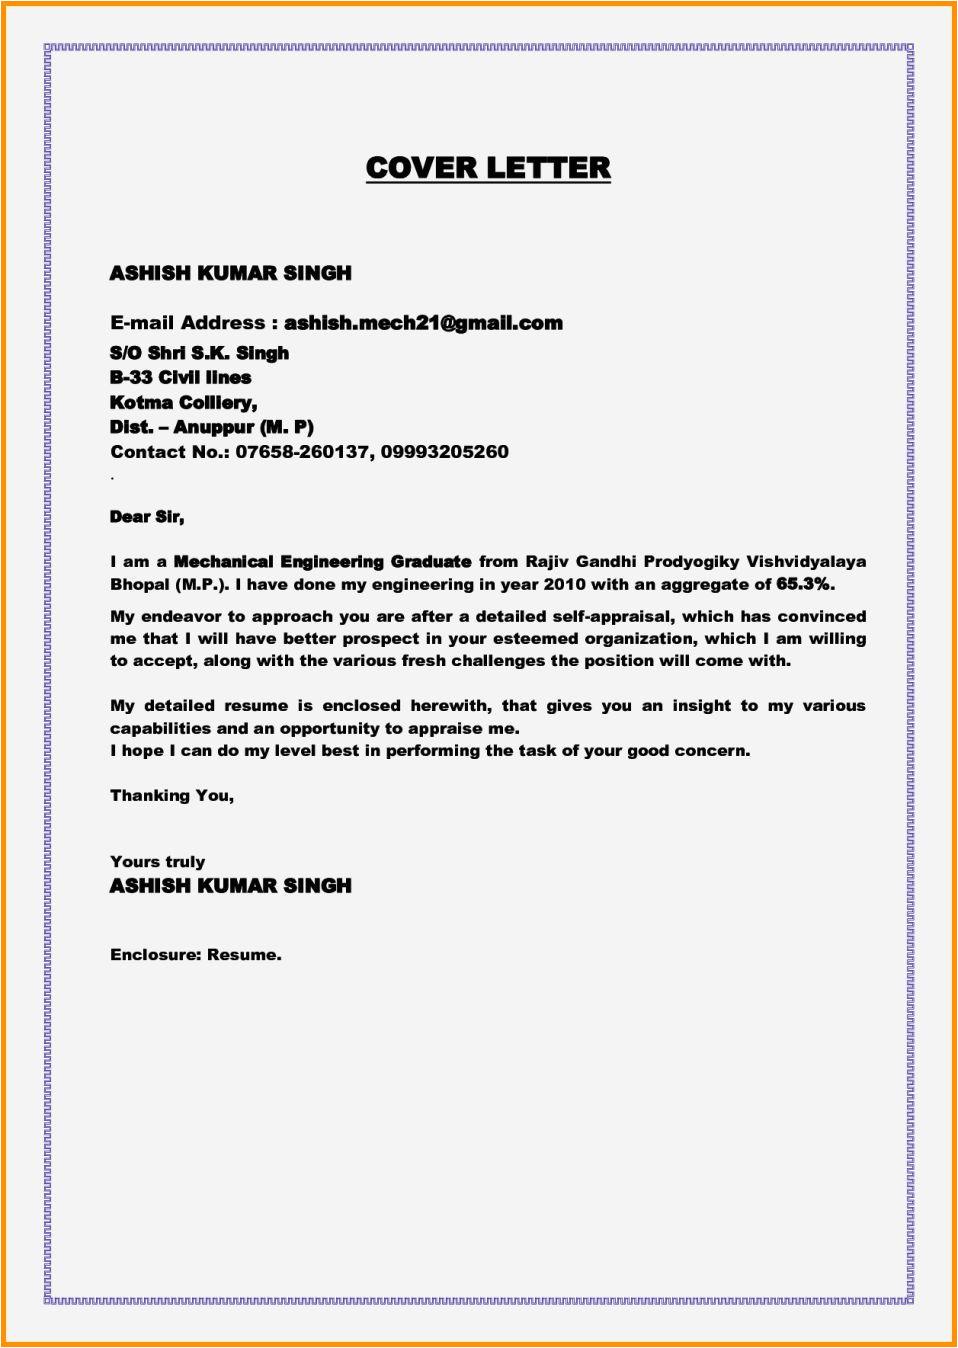 fresher cover letter for job application